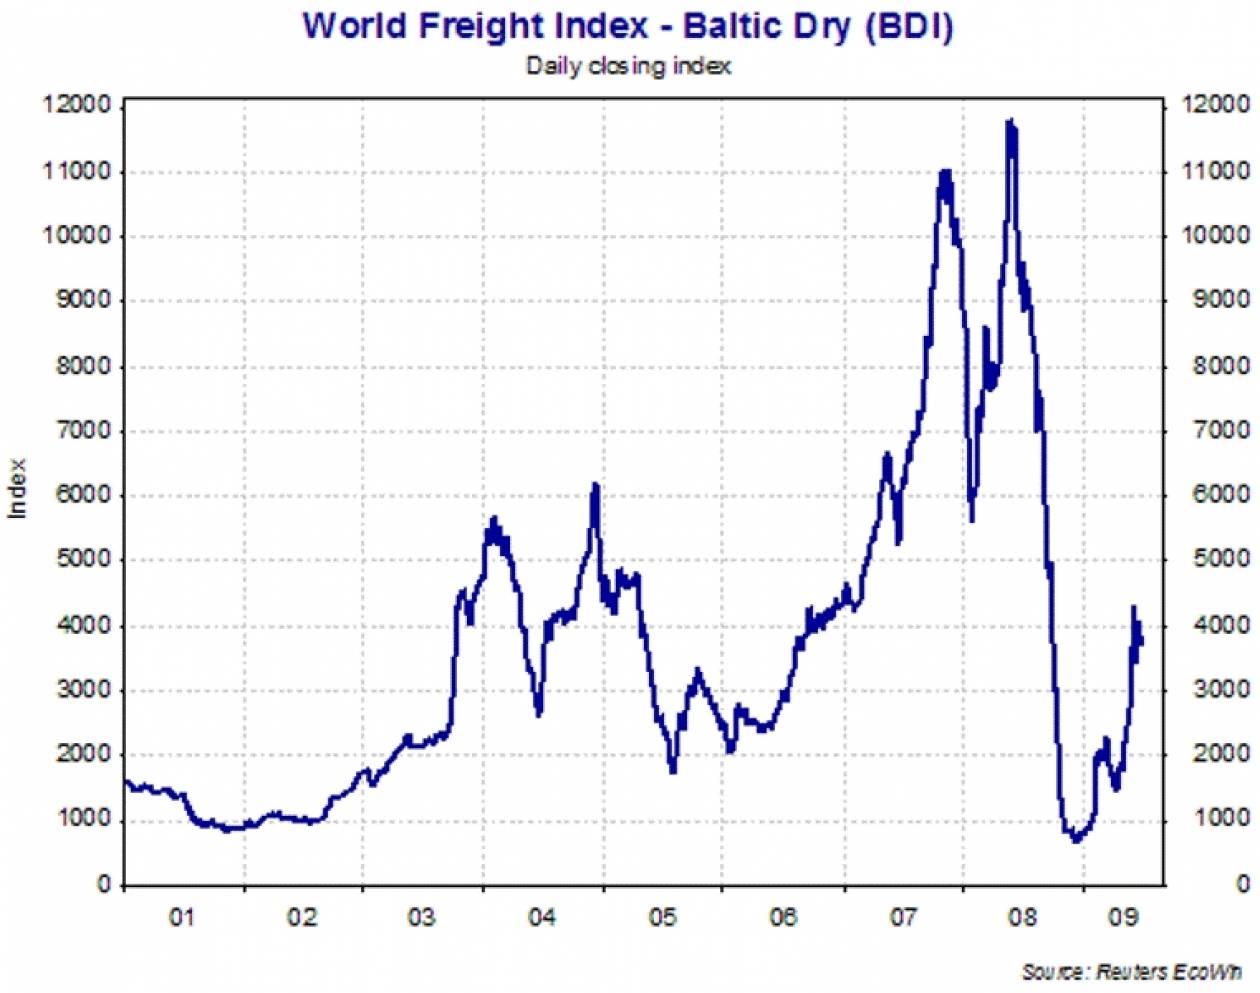 Πτωτικά έκλεισε ο Baltic Dry